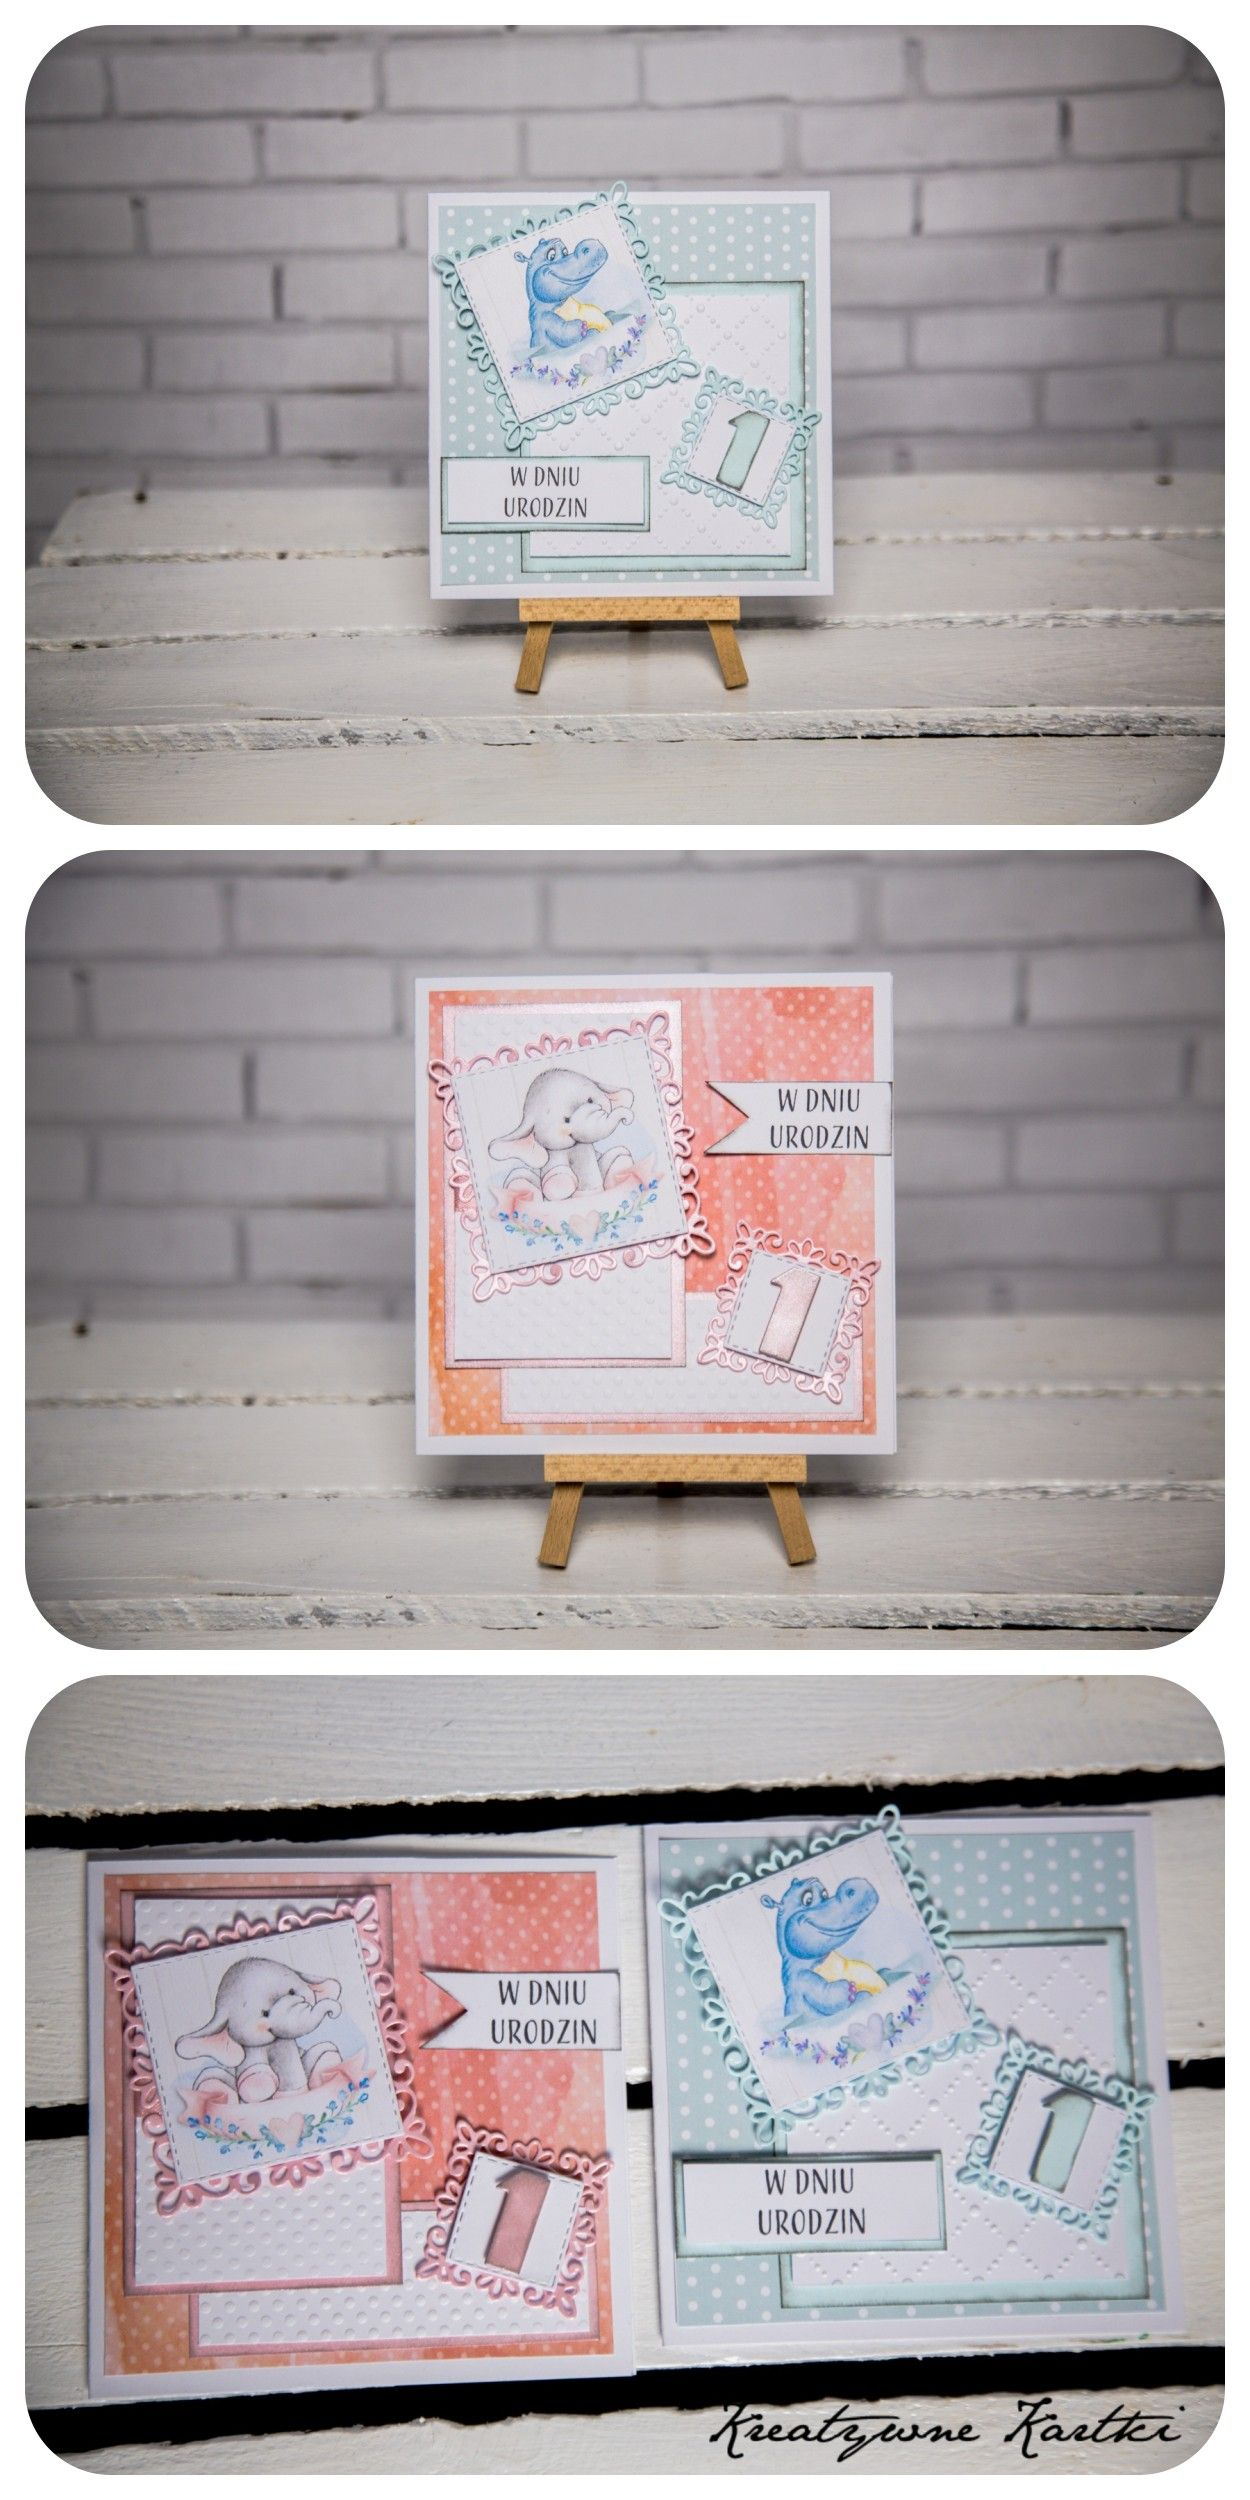 Kartki Urodzinowe Na Roczek With Images Kartki Urodzinowe